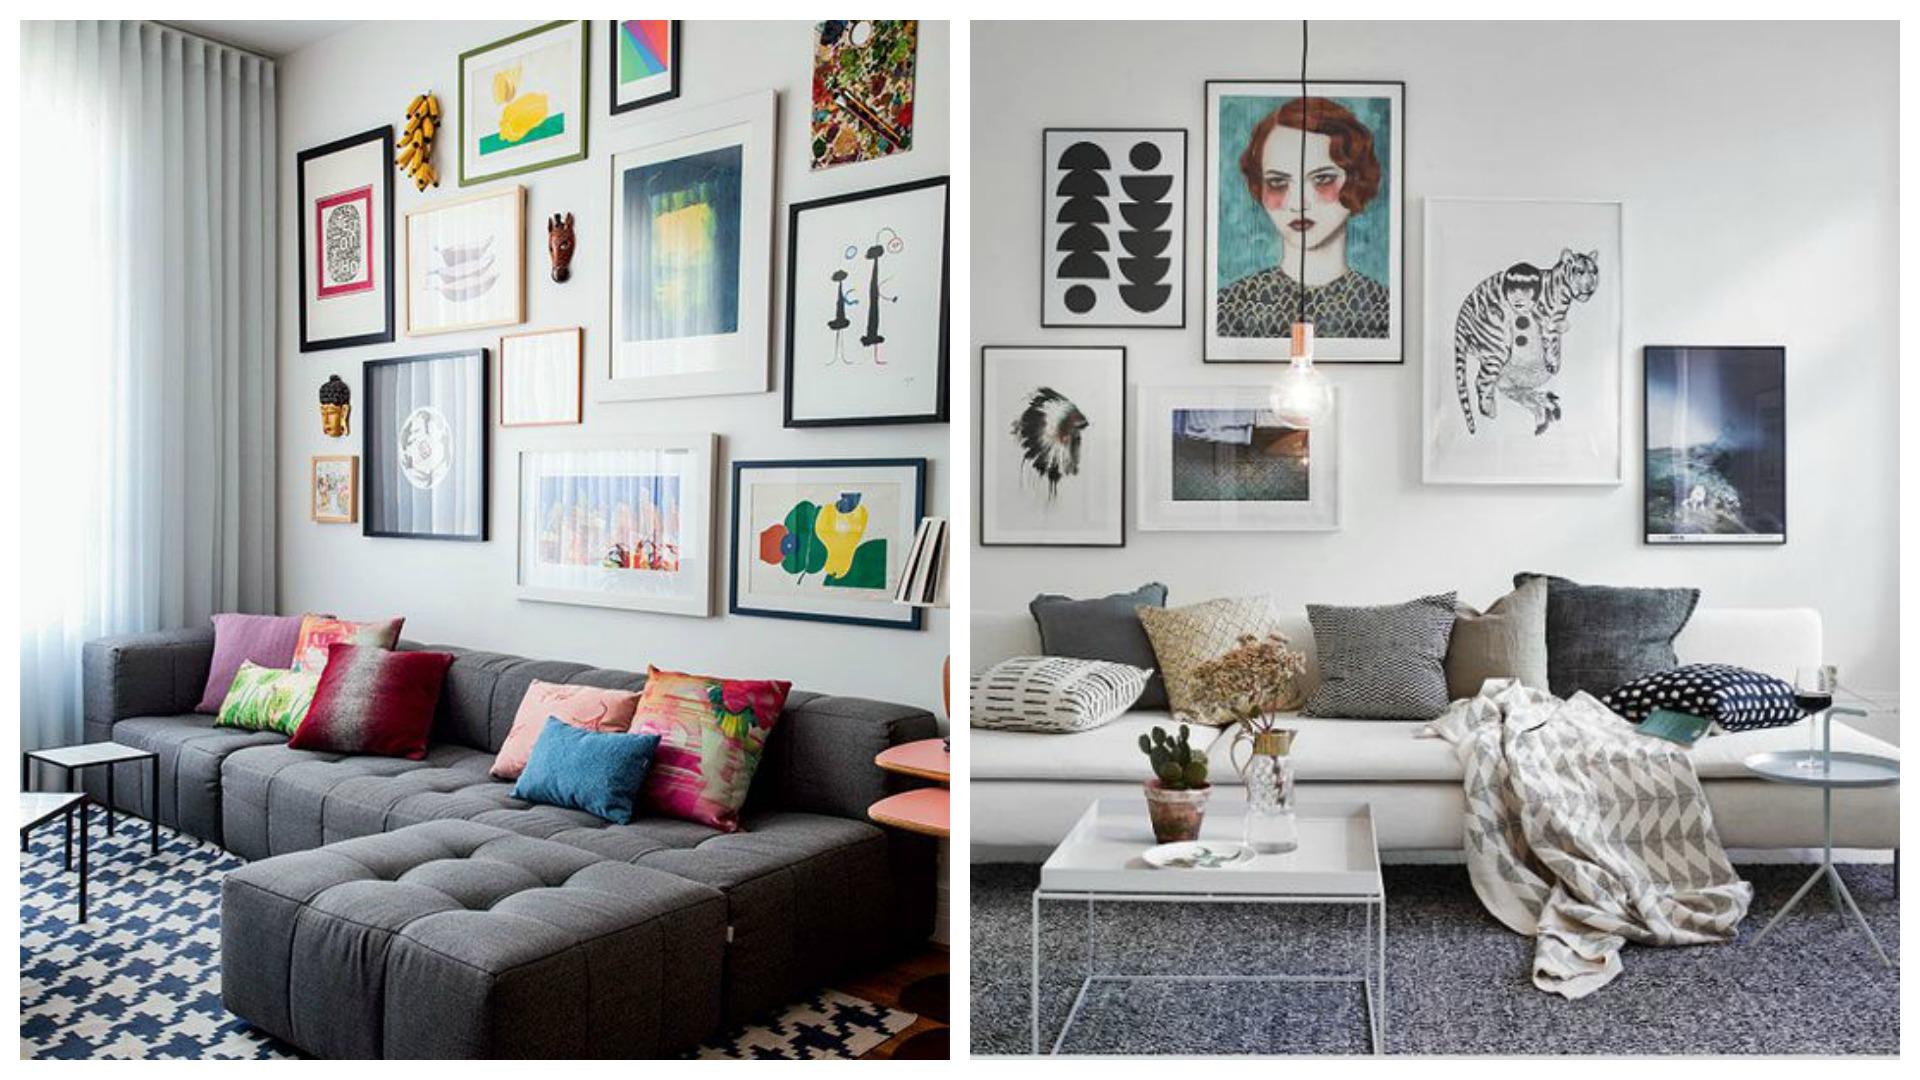 Sala De Estar Wdk Letra ~ de quadros com molduras formatos e estilos de arte diferentes